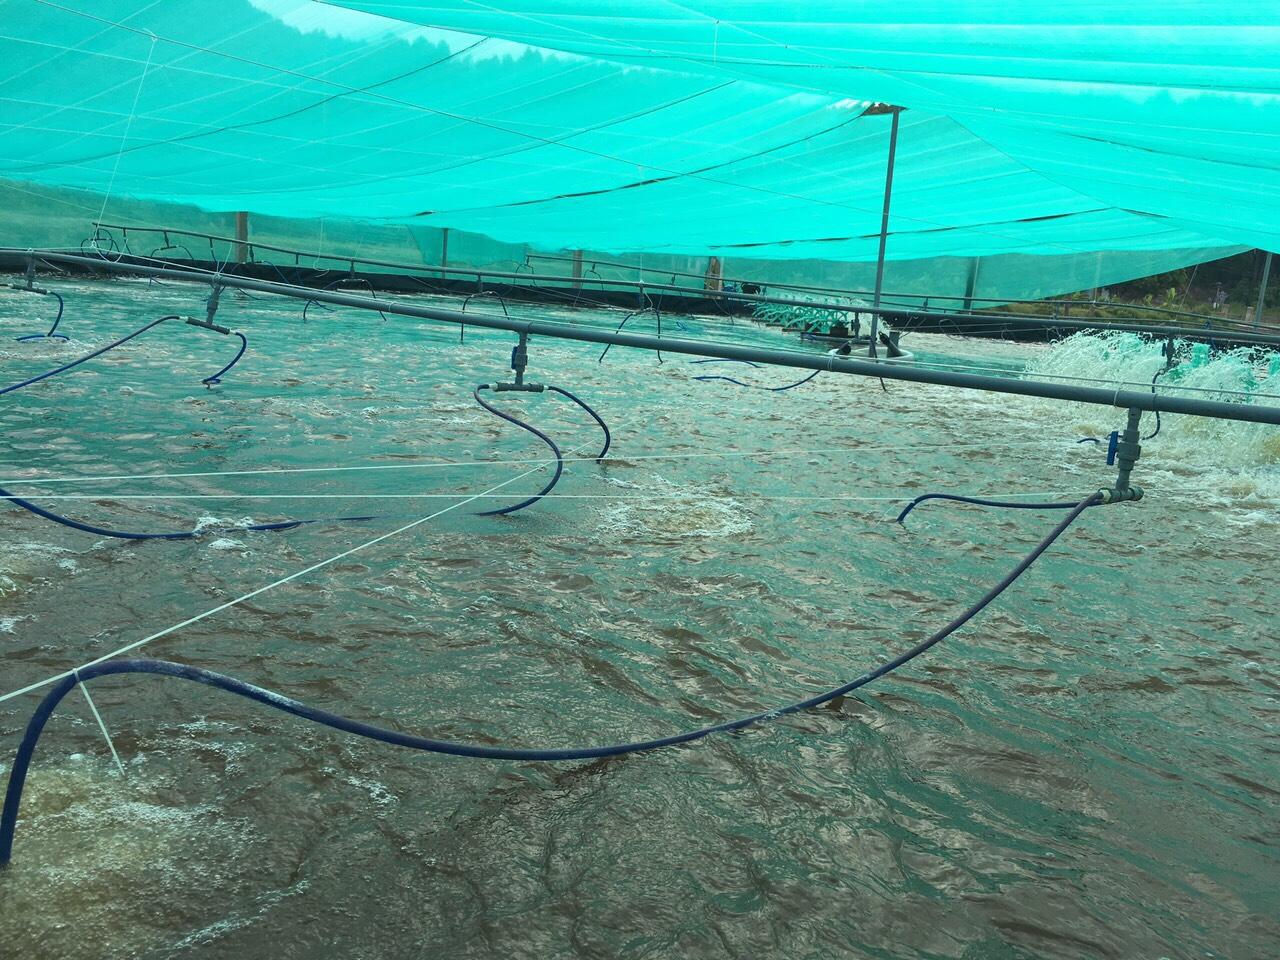 Lưới che nắng ao nuôi tôm, Lưới che, Lê Hà Vina, Địa chỉ bán lưới che nắng, Sản phẩm lưới che nắng Lê Hà Vina, lưới đều màu, Công ty Lê Hà Vina